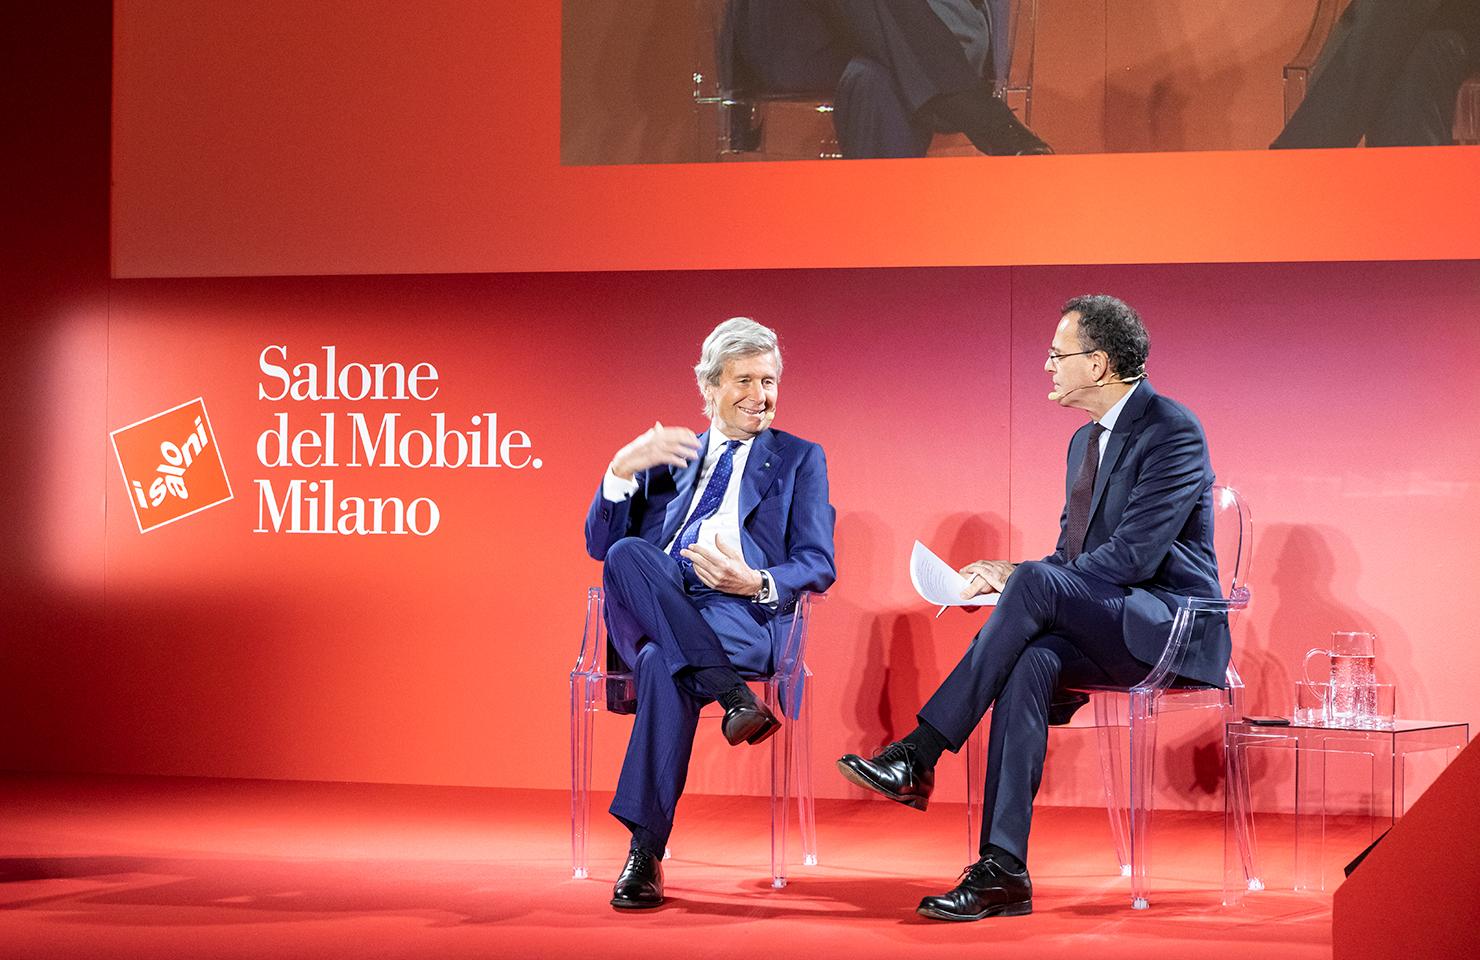 salone del mobile 2020 First News Of Salone Del Mobile 2020 salone del mobile 2020 press conference 1